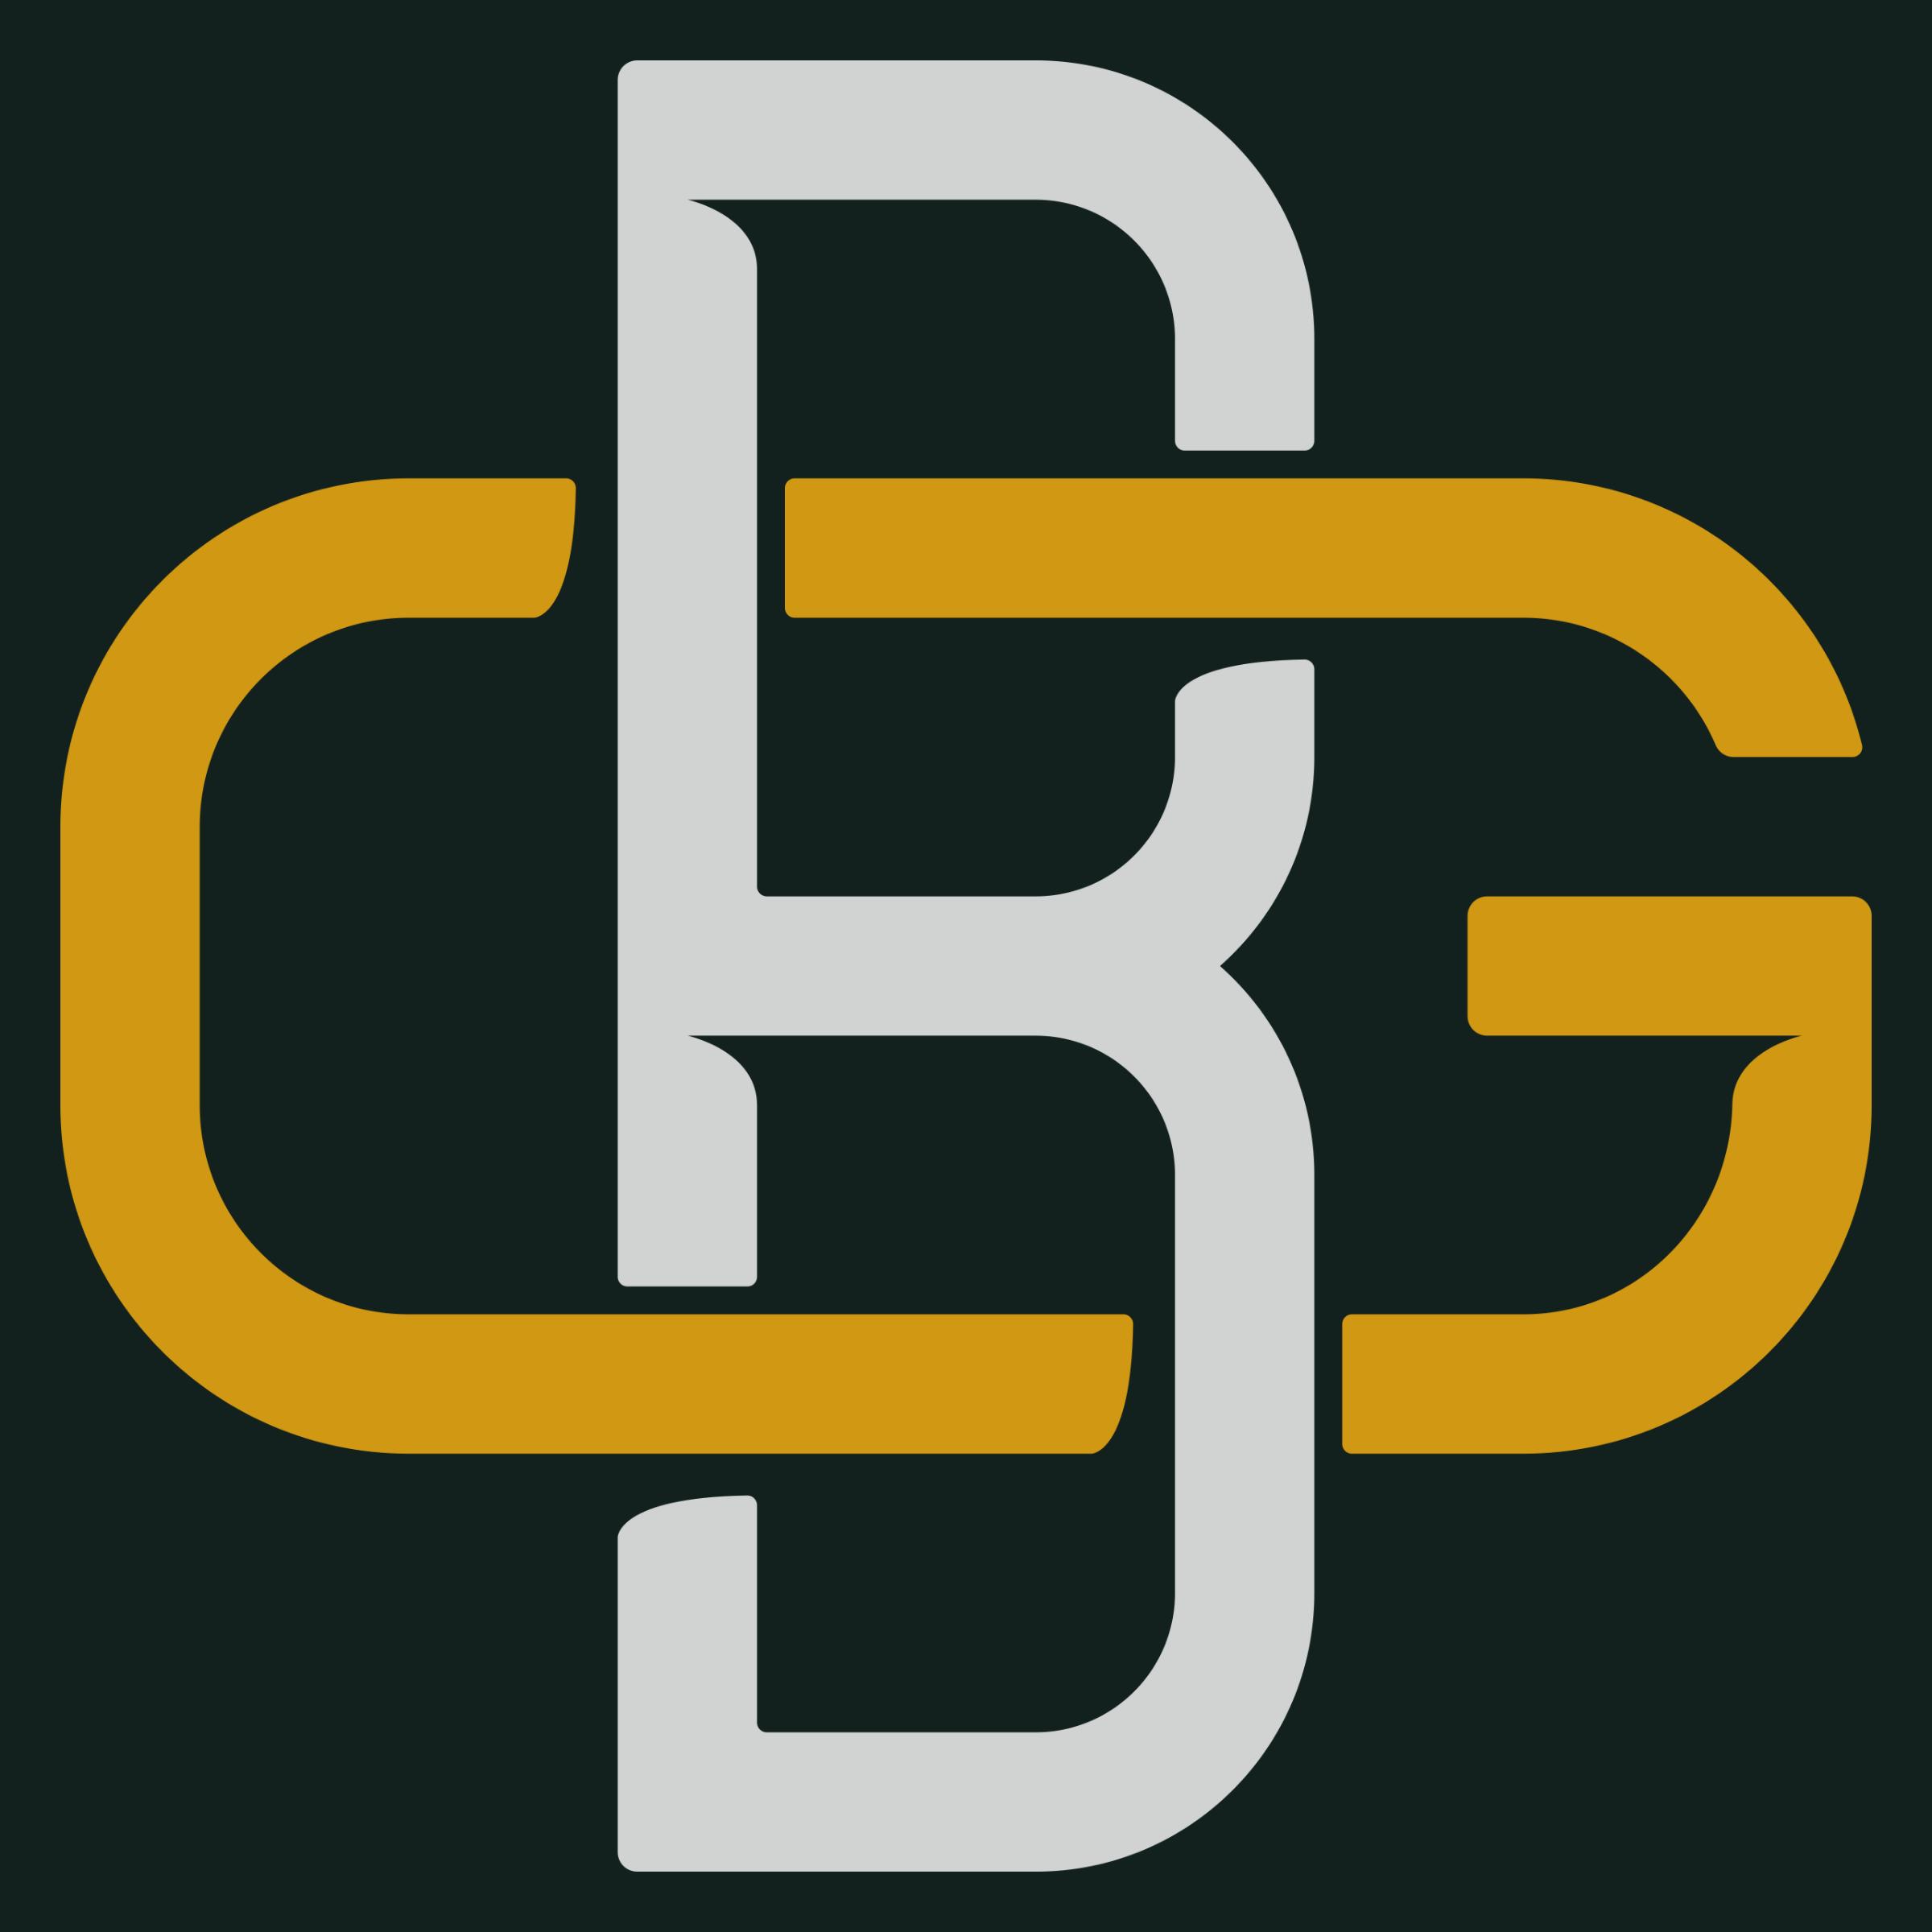 GB Monogram